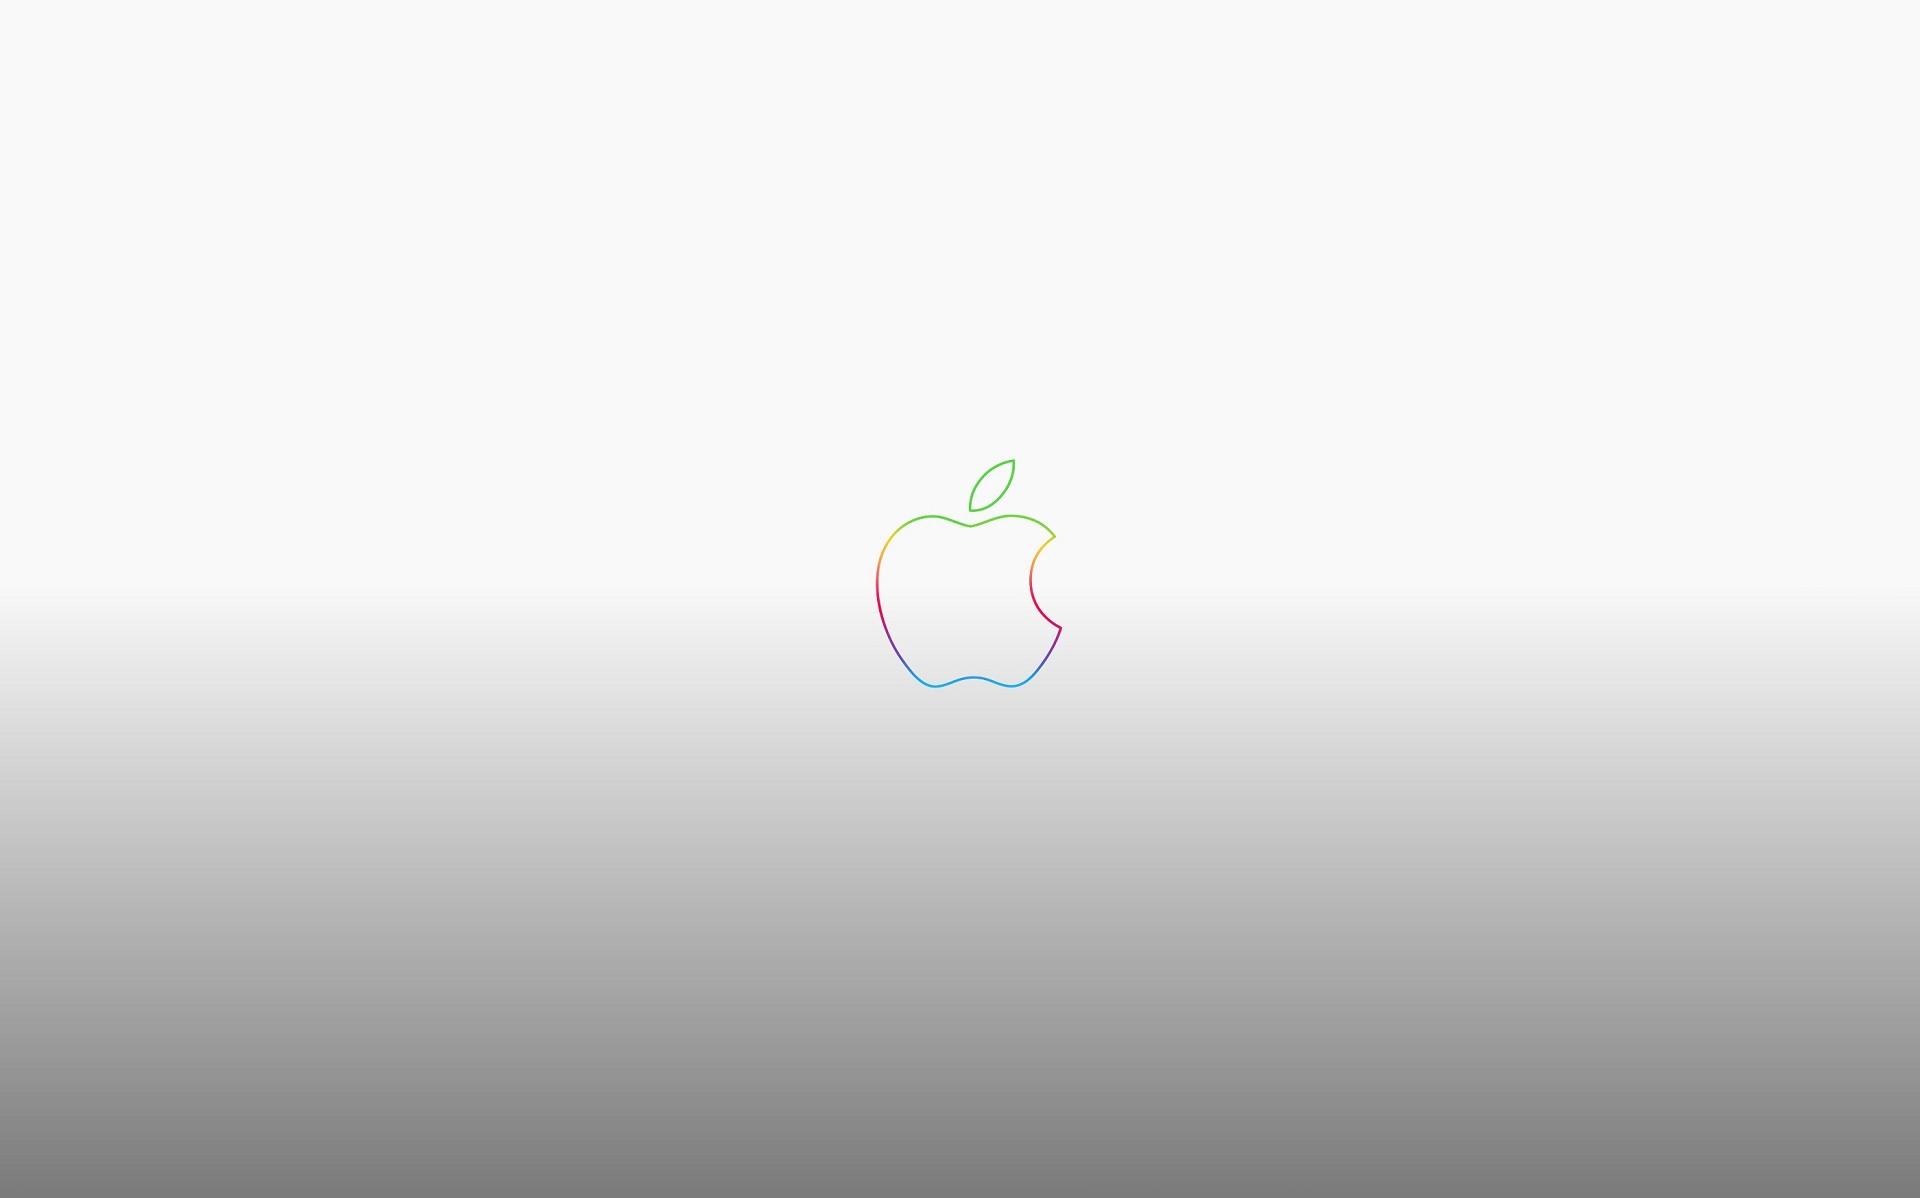 apple wallpaper hd,text,logo,sky,font,graphics